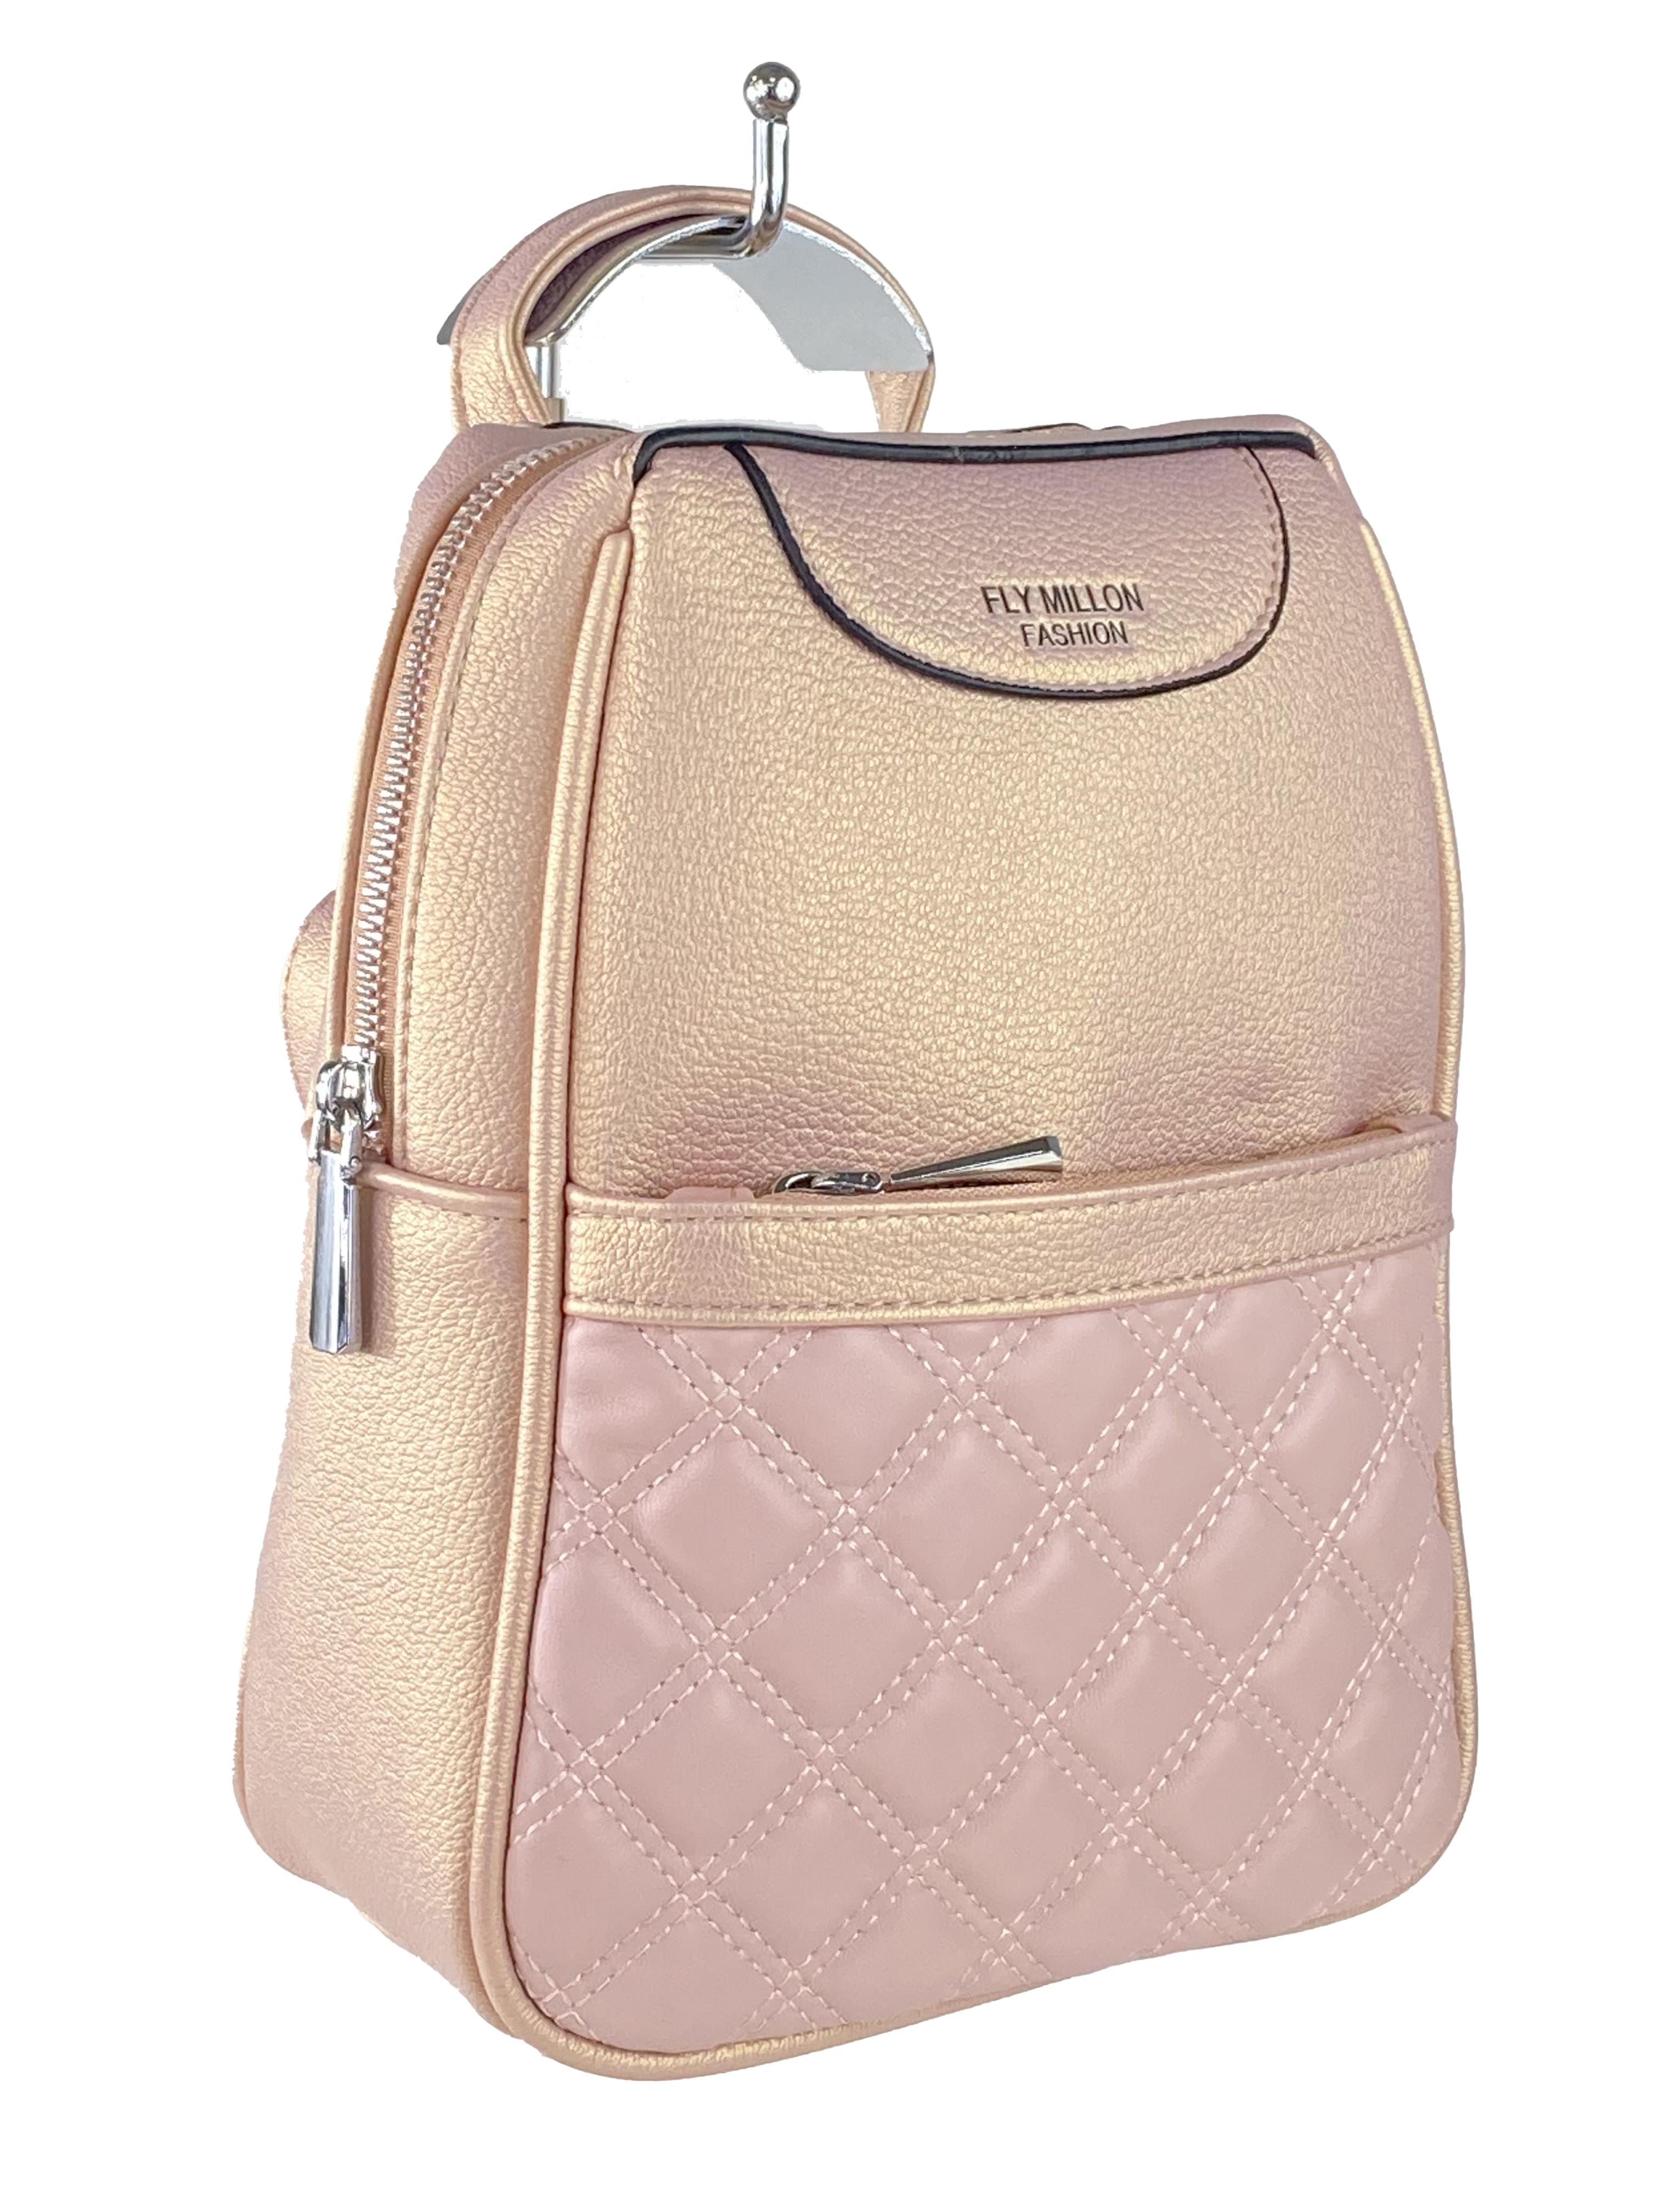 Женский рюкзачок-трансформер из искусственной кожи со стёжкой, цвет розовый с перламутром